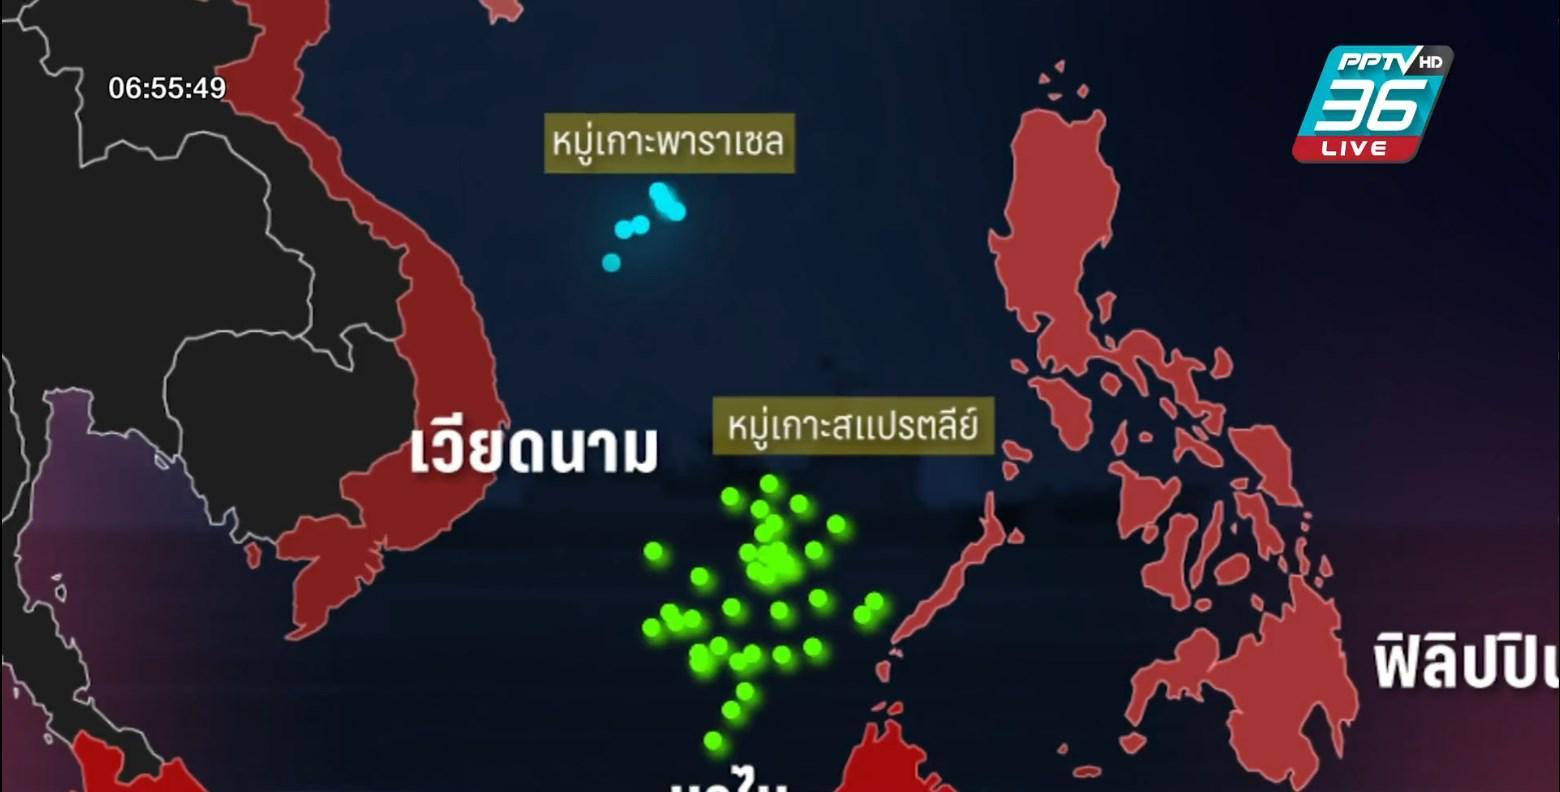 อะไรคือภัยคุกคาม ในทะเลจีนใต้ ที่ต้องมีเรือดำน้ำ